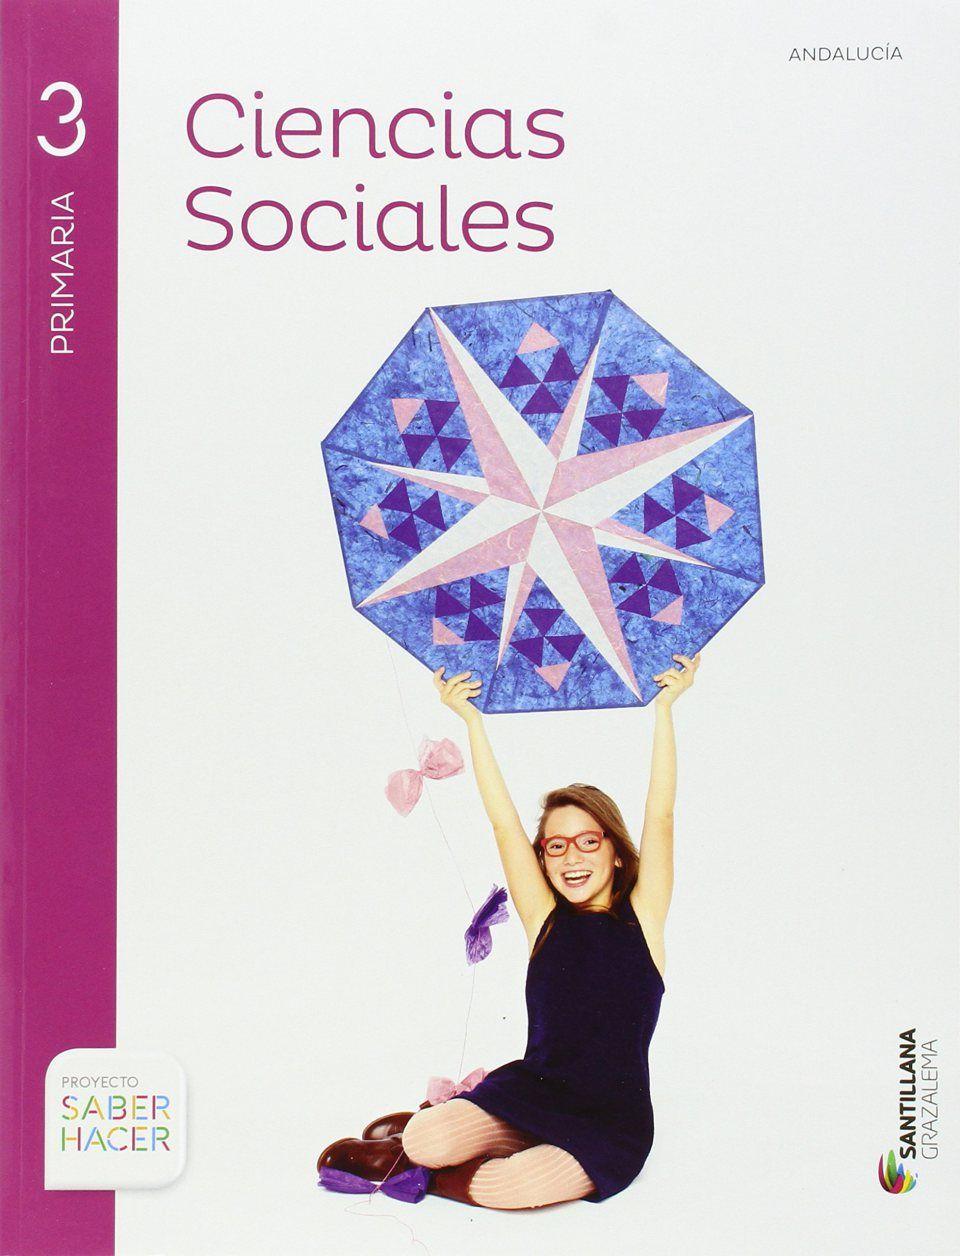 Libros De Texto De Ciencias Sociales Para Primaria Editorial Santillana Proyecto Saber Hacer Libro De Sociales Ciencias Sociales Ciencias Sociales Primaria